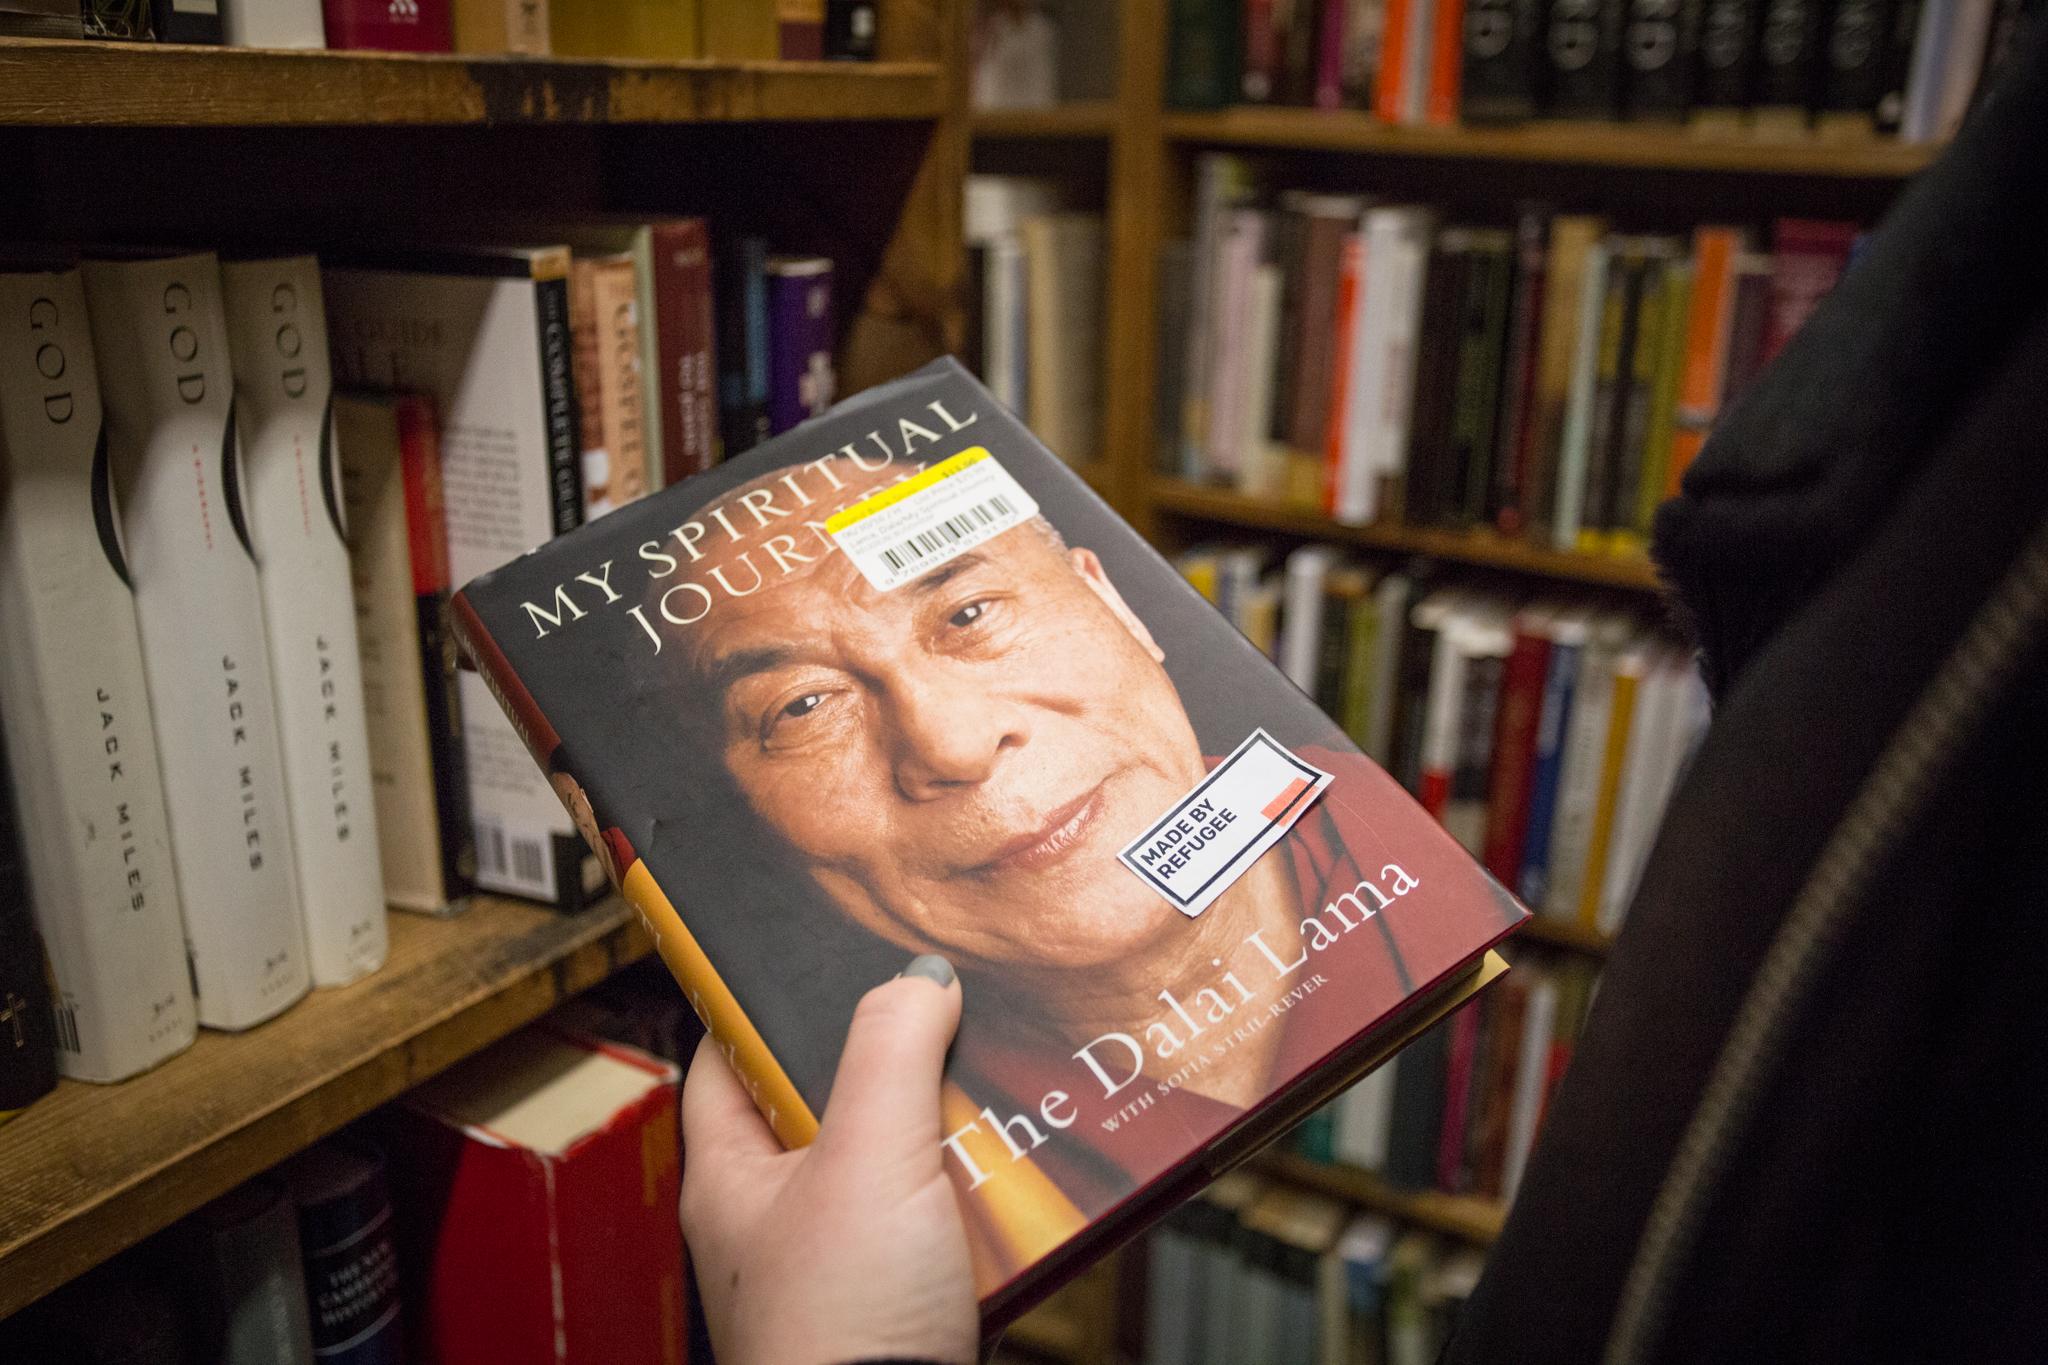 Tenzin Gyatso - 14th Dalai Lama, Champion of peace - Chinese refugee